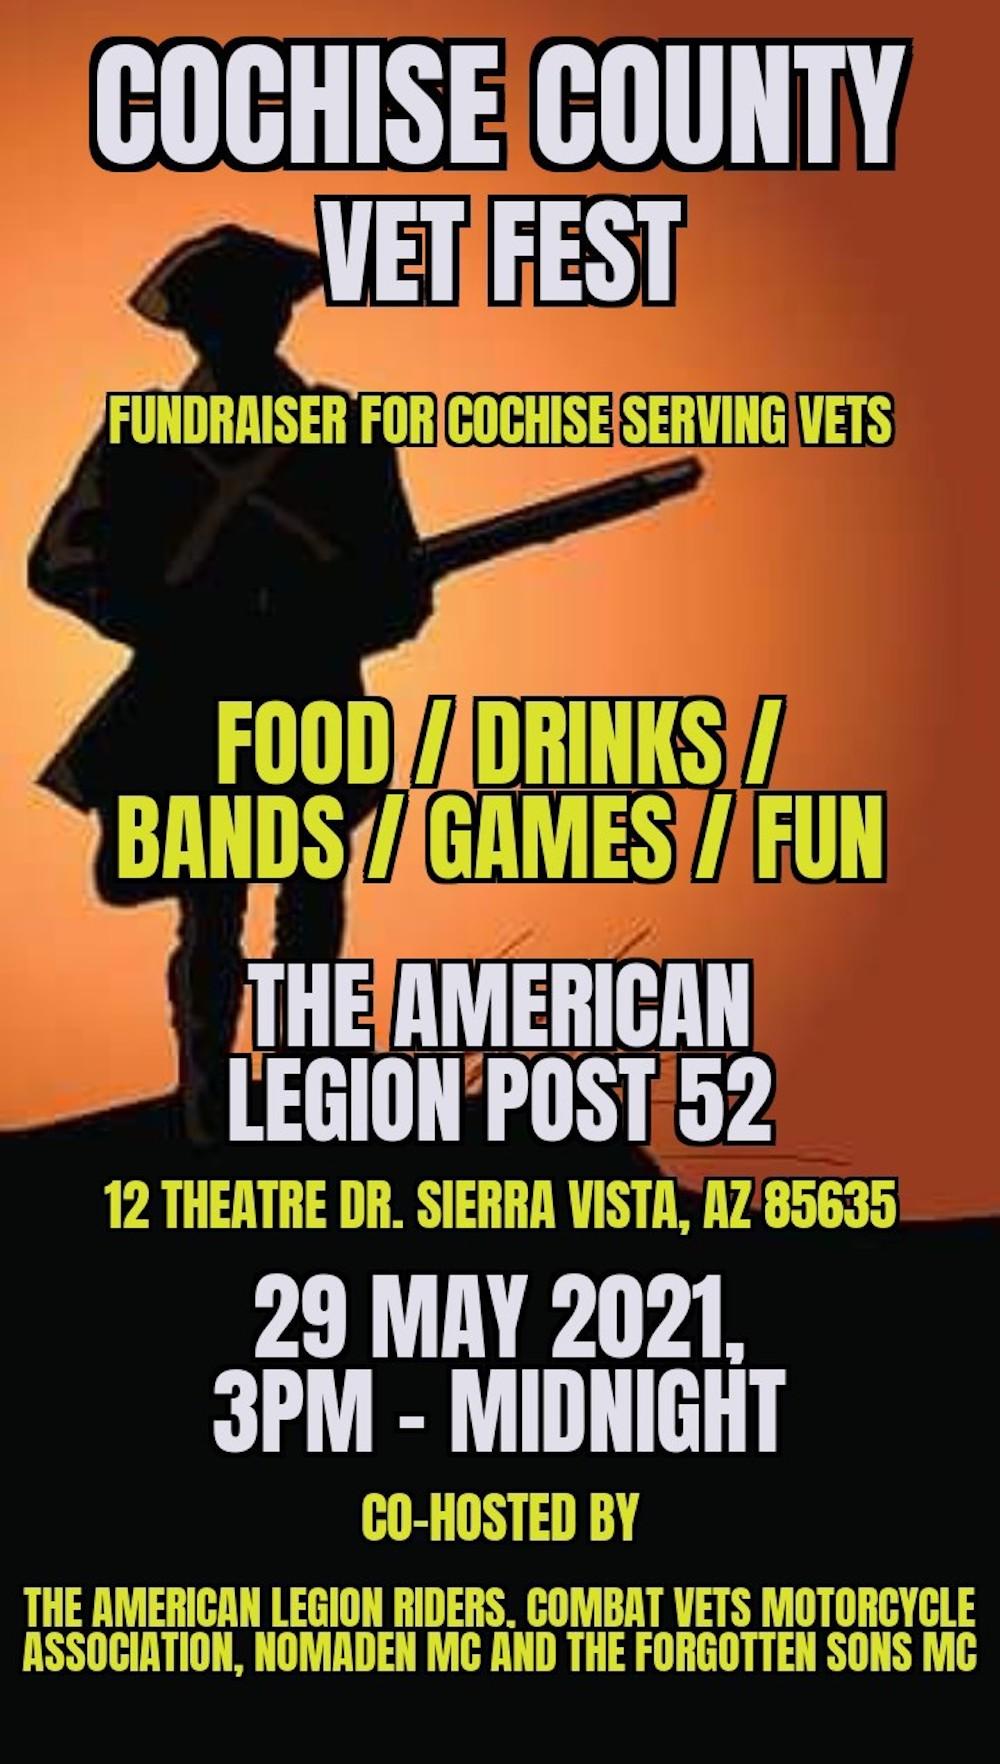 Cochise County Vet Fest flyer